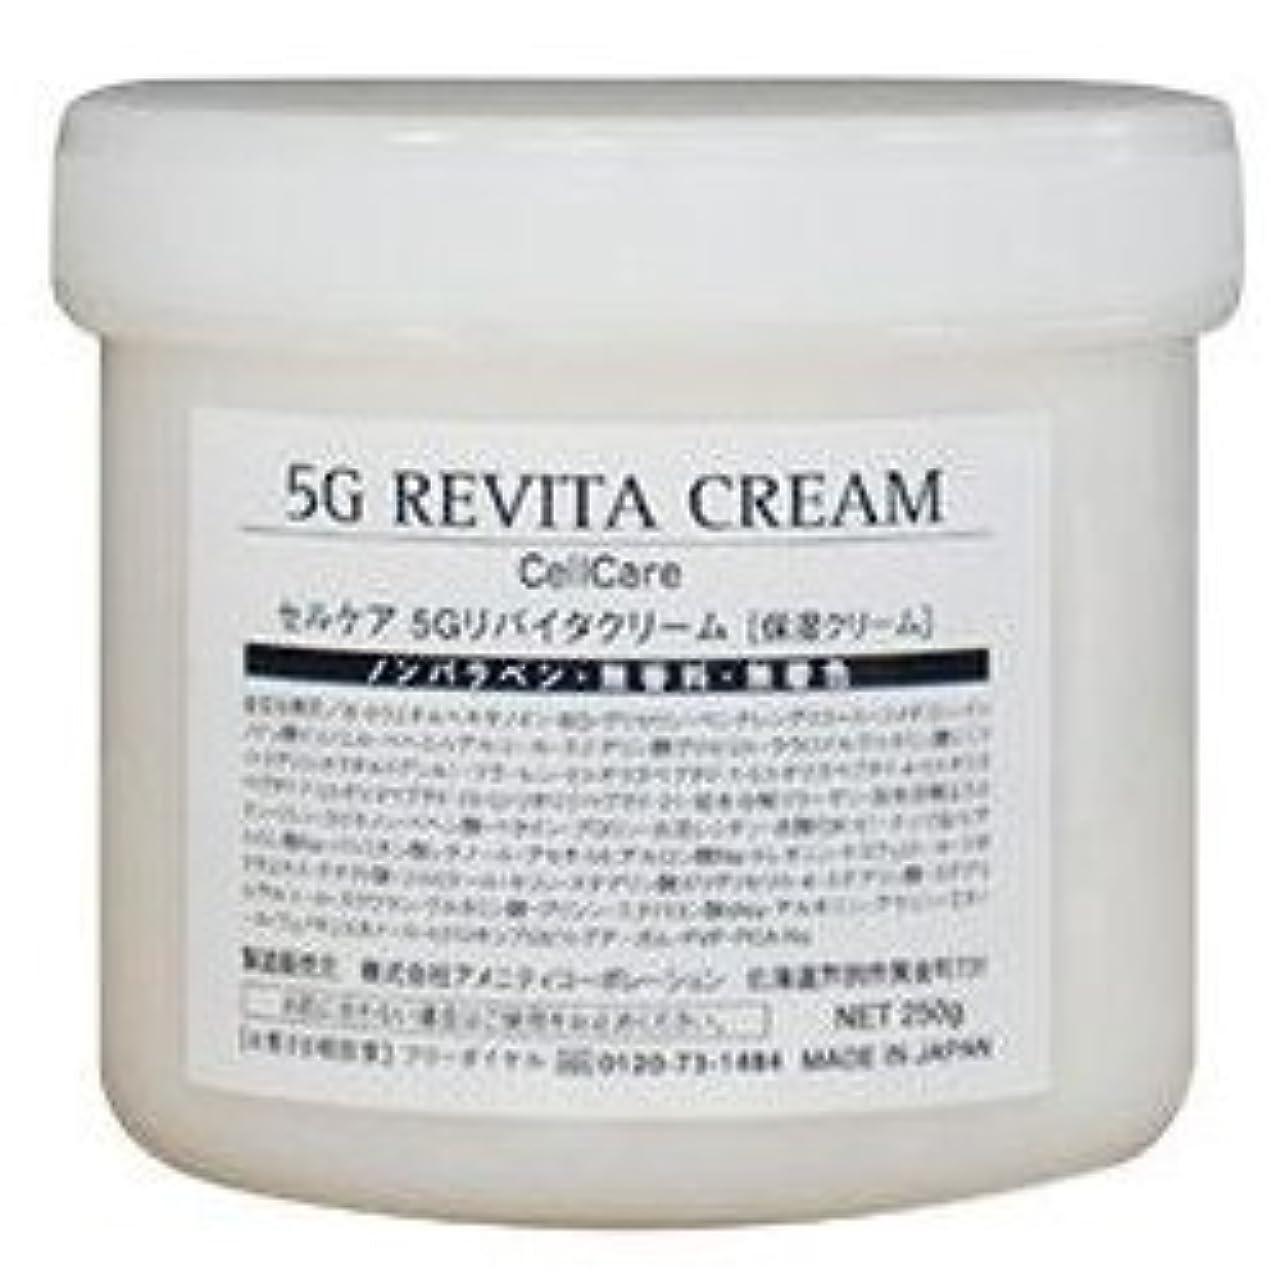 理想的来て夕暮れセルケアGF プレミアム 5Gリバイタルクリーム 保湿クリーム お徳用250g